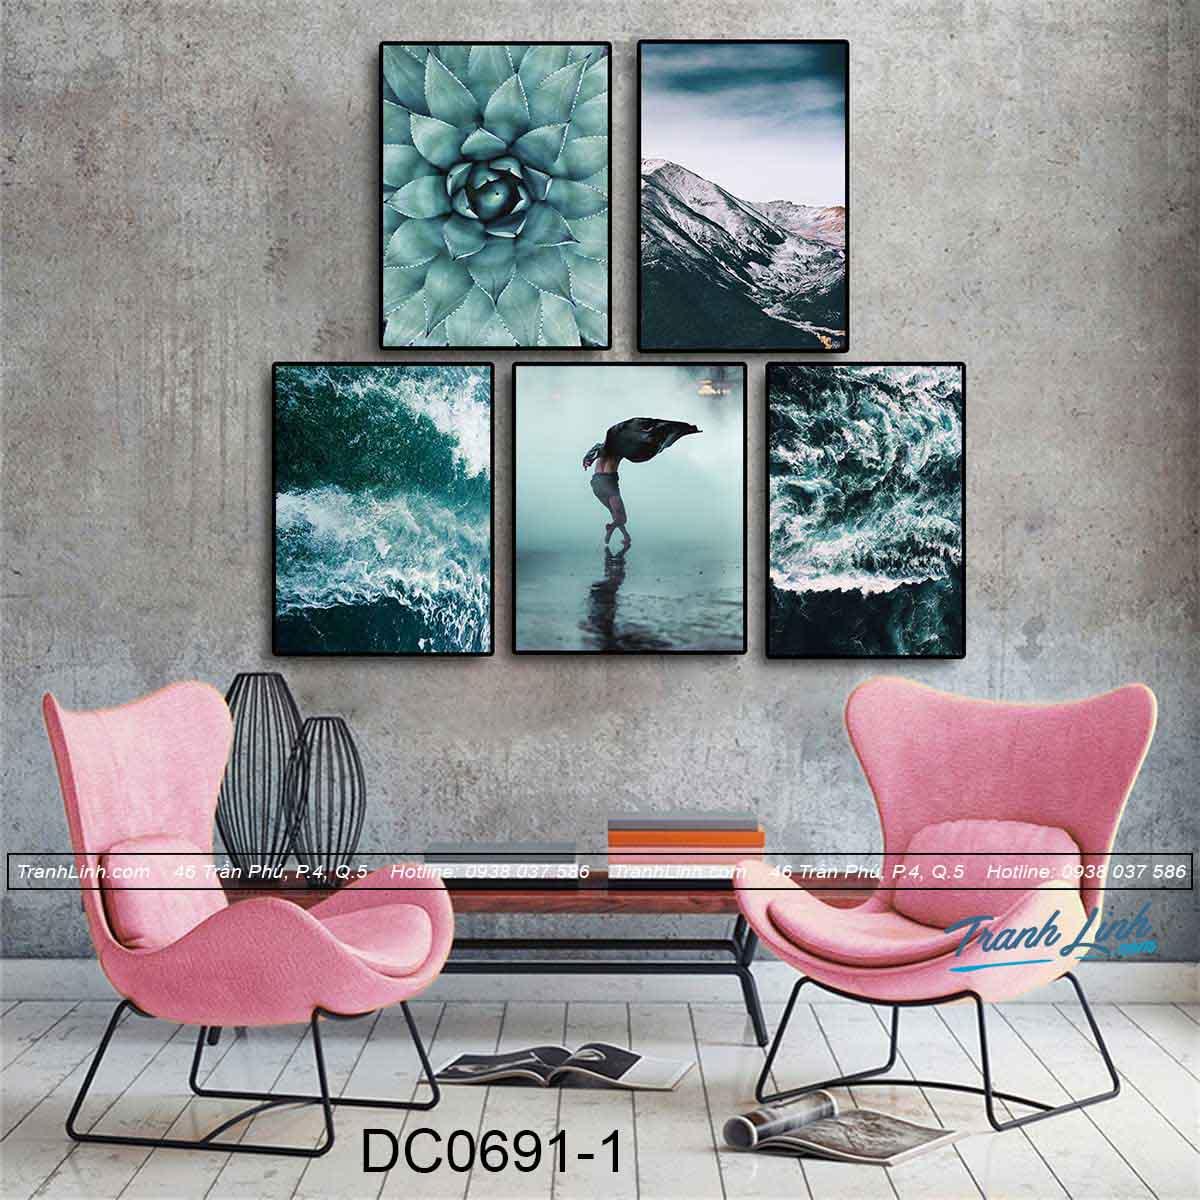 bo-tranh-canvas-treo-tuong-trang-tri-hoa-tiet-dc0691-1.jpg